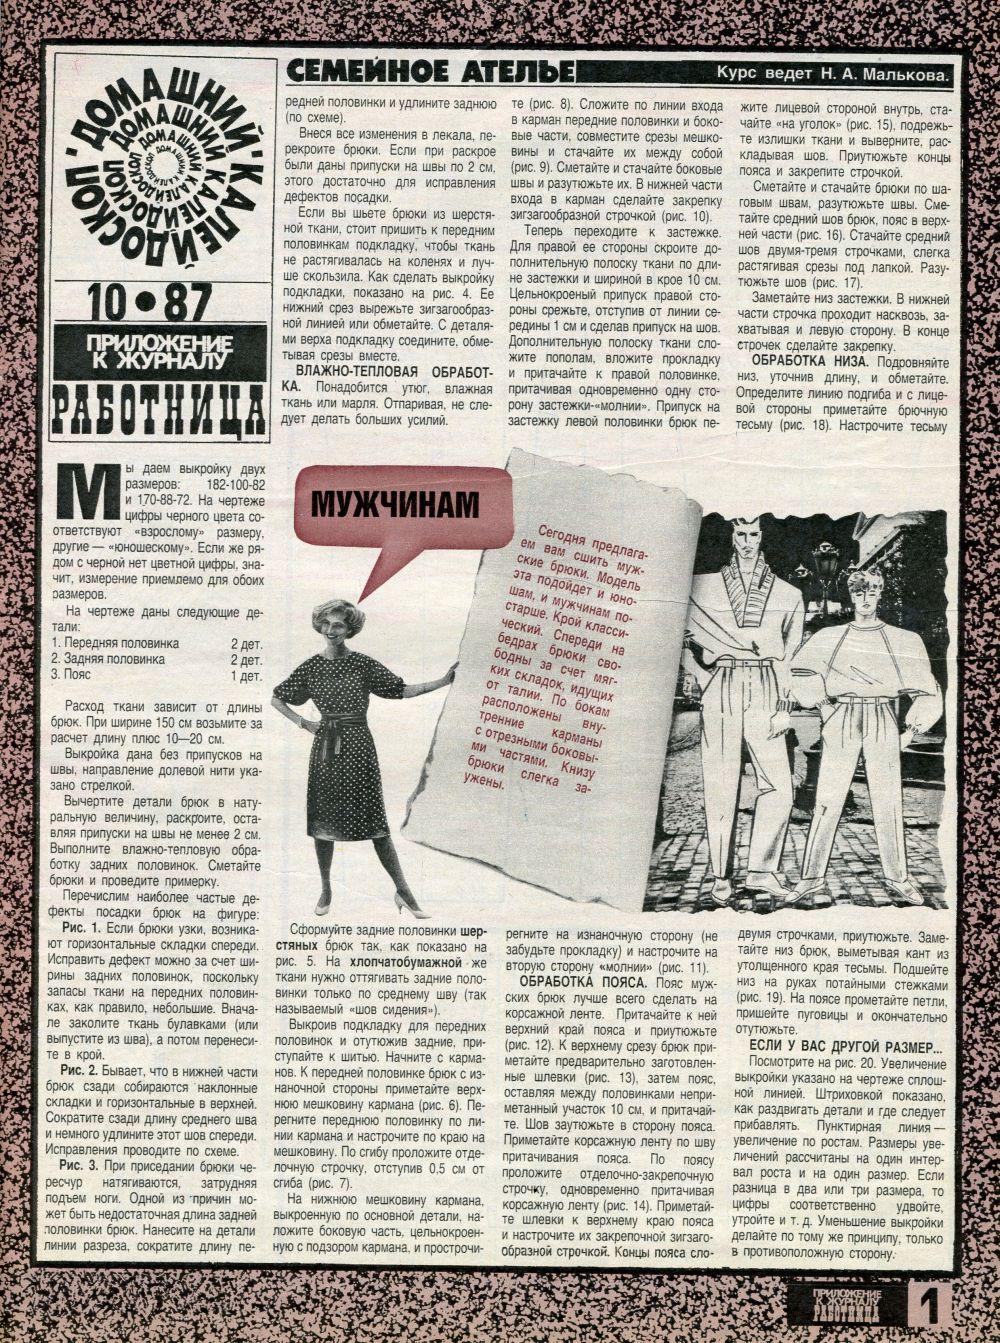 Приложение к журналу «Работница», 87 год, № 10 1